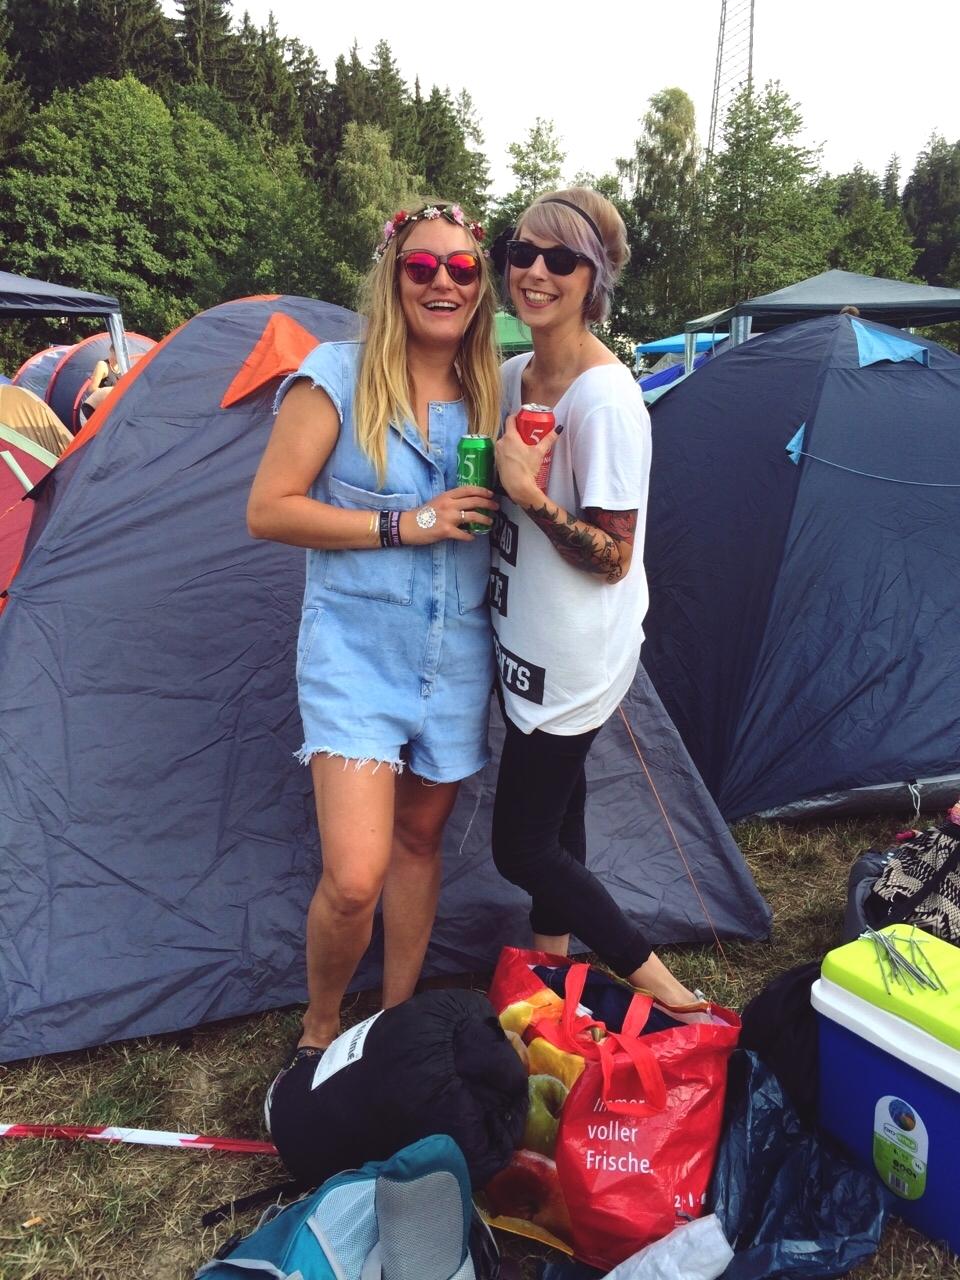 Liebe die Zweite beim Sound of the Forest Festival Festivallook